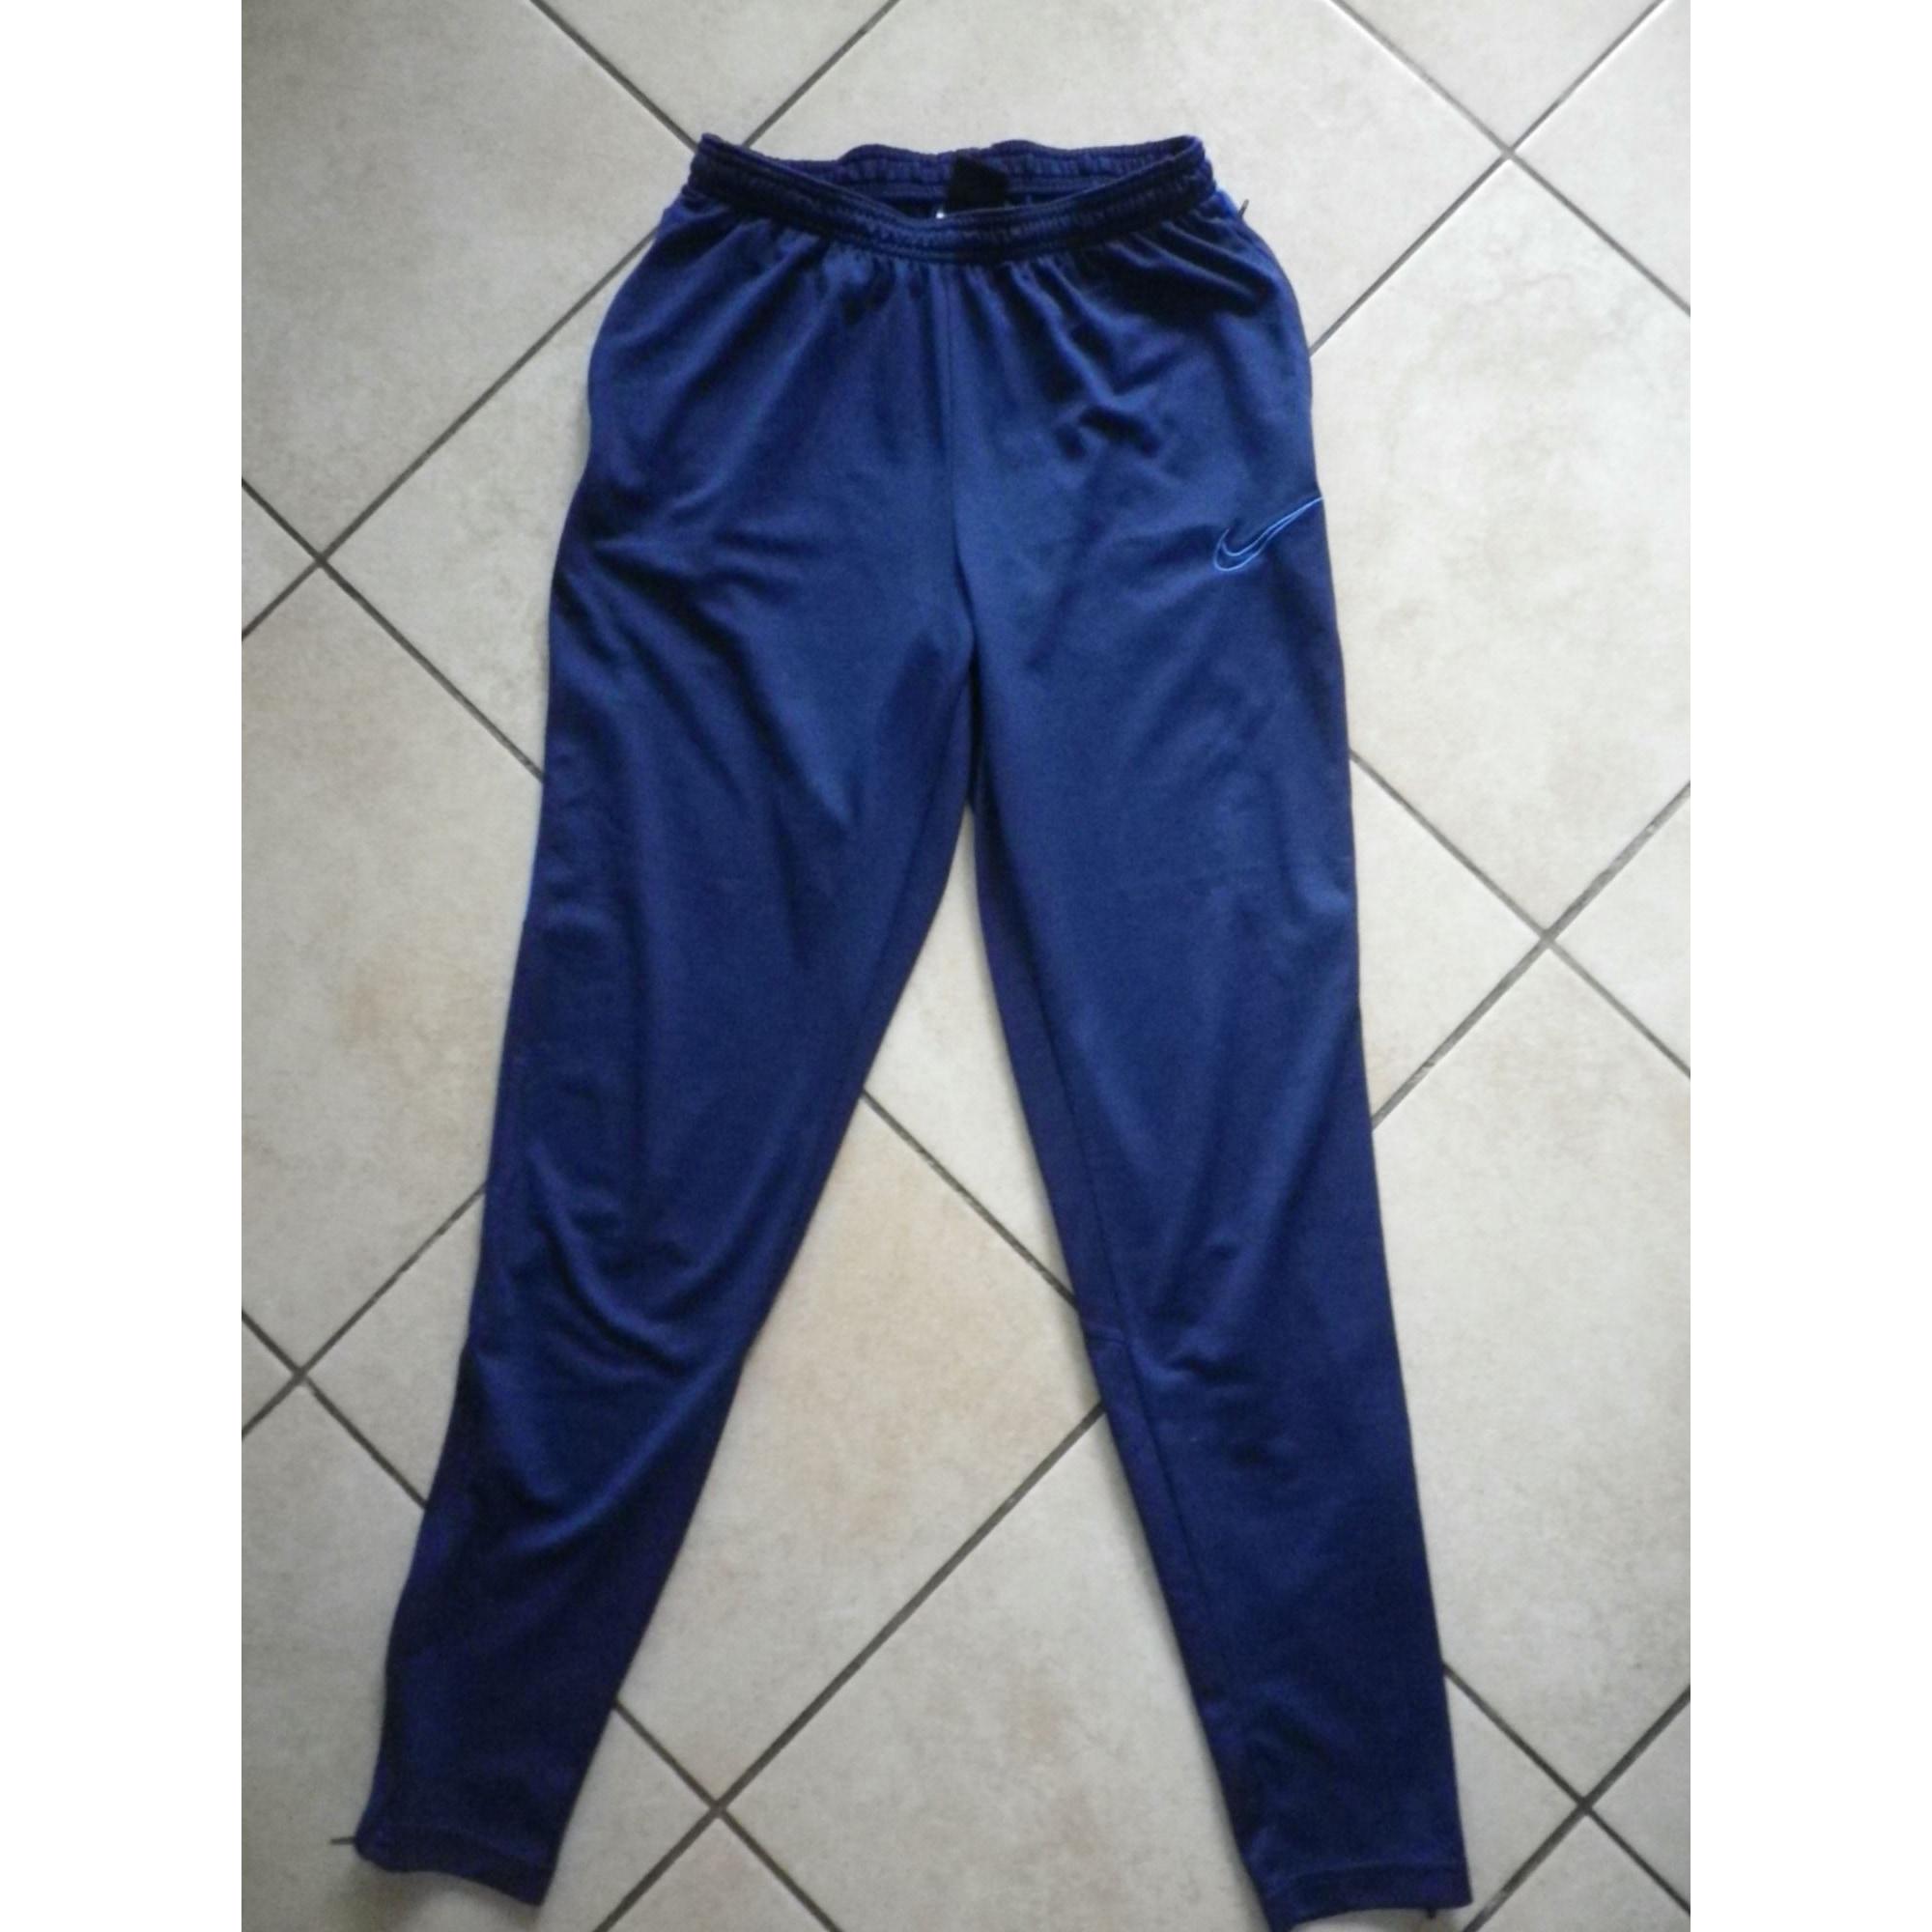 Pantalon de survêtement NIKE Bleu, bleu marine, bleu turquoise